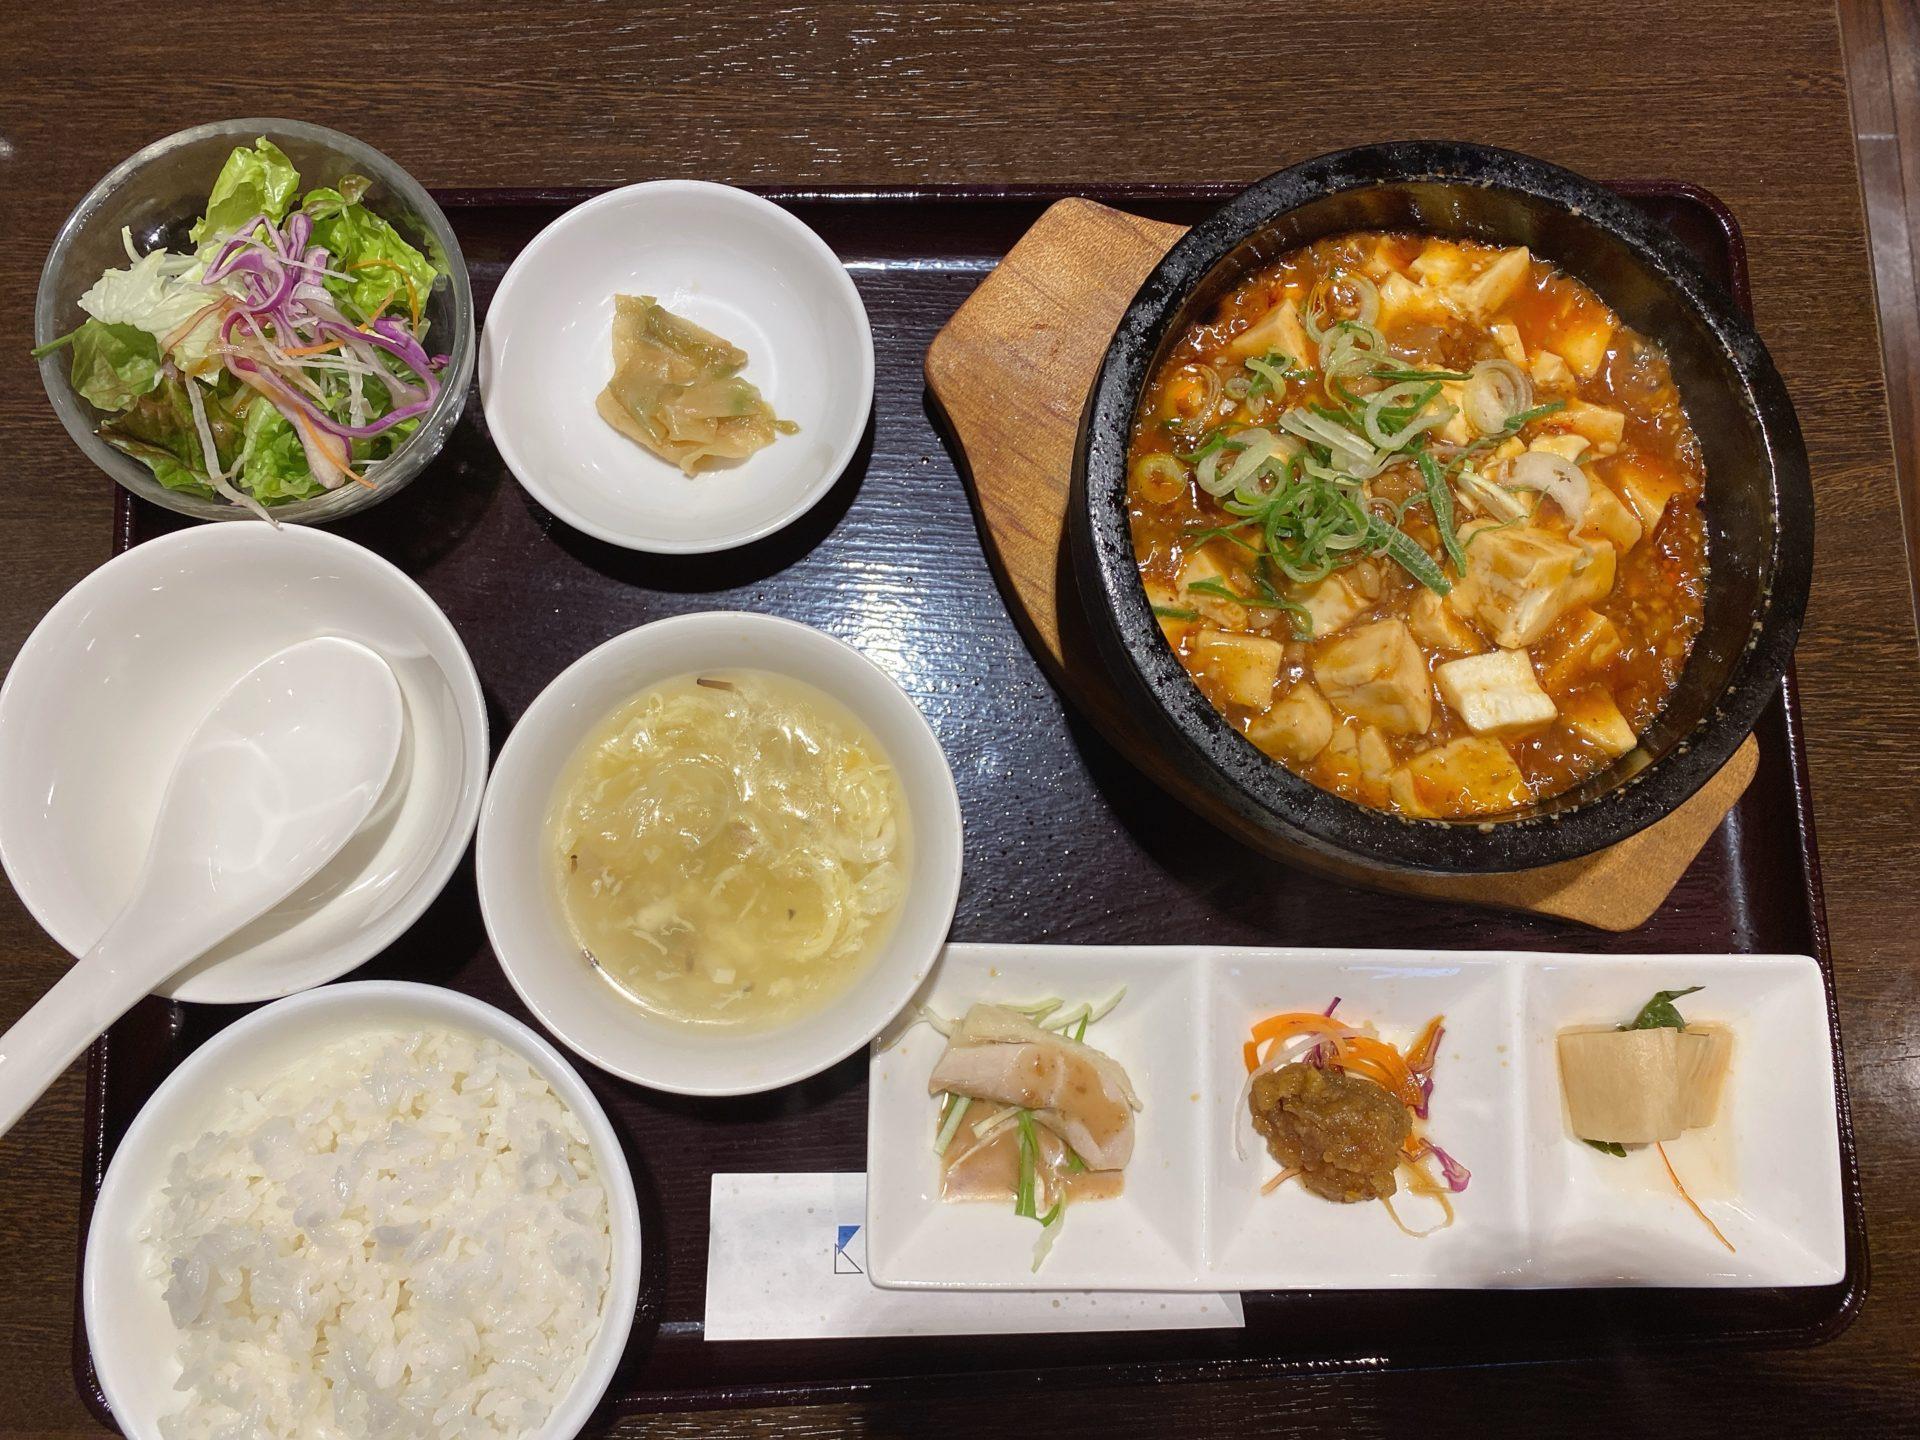 岡山駅から徒歩6分 安心野菜の中華とオーガニックワイン 華菜家 HANAYA(はなや)で熱々の石焼麻婆豆腐のランチを堪能するも、小籠包を追加!